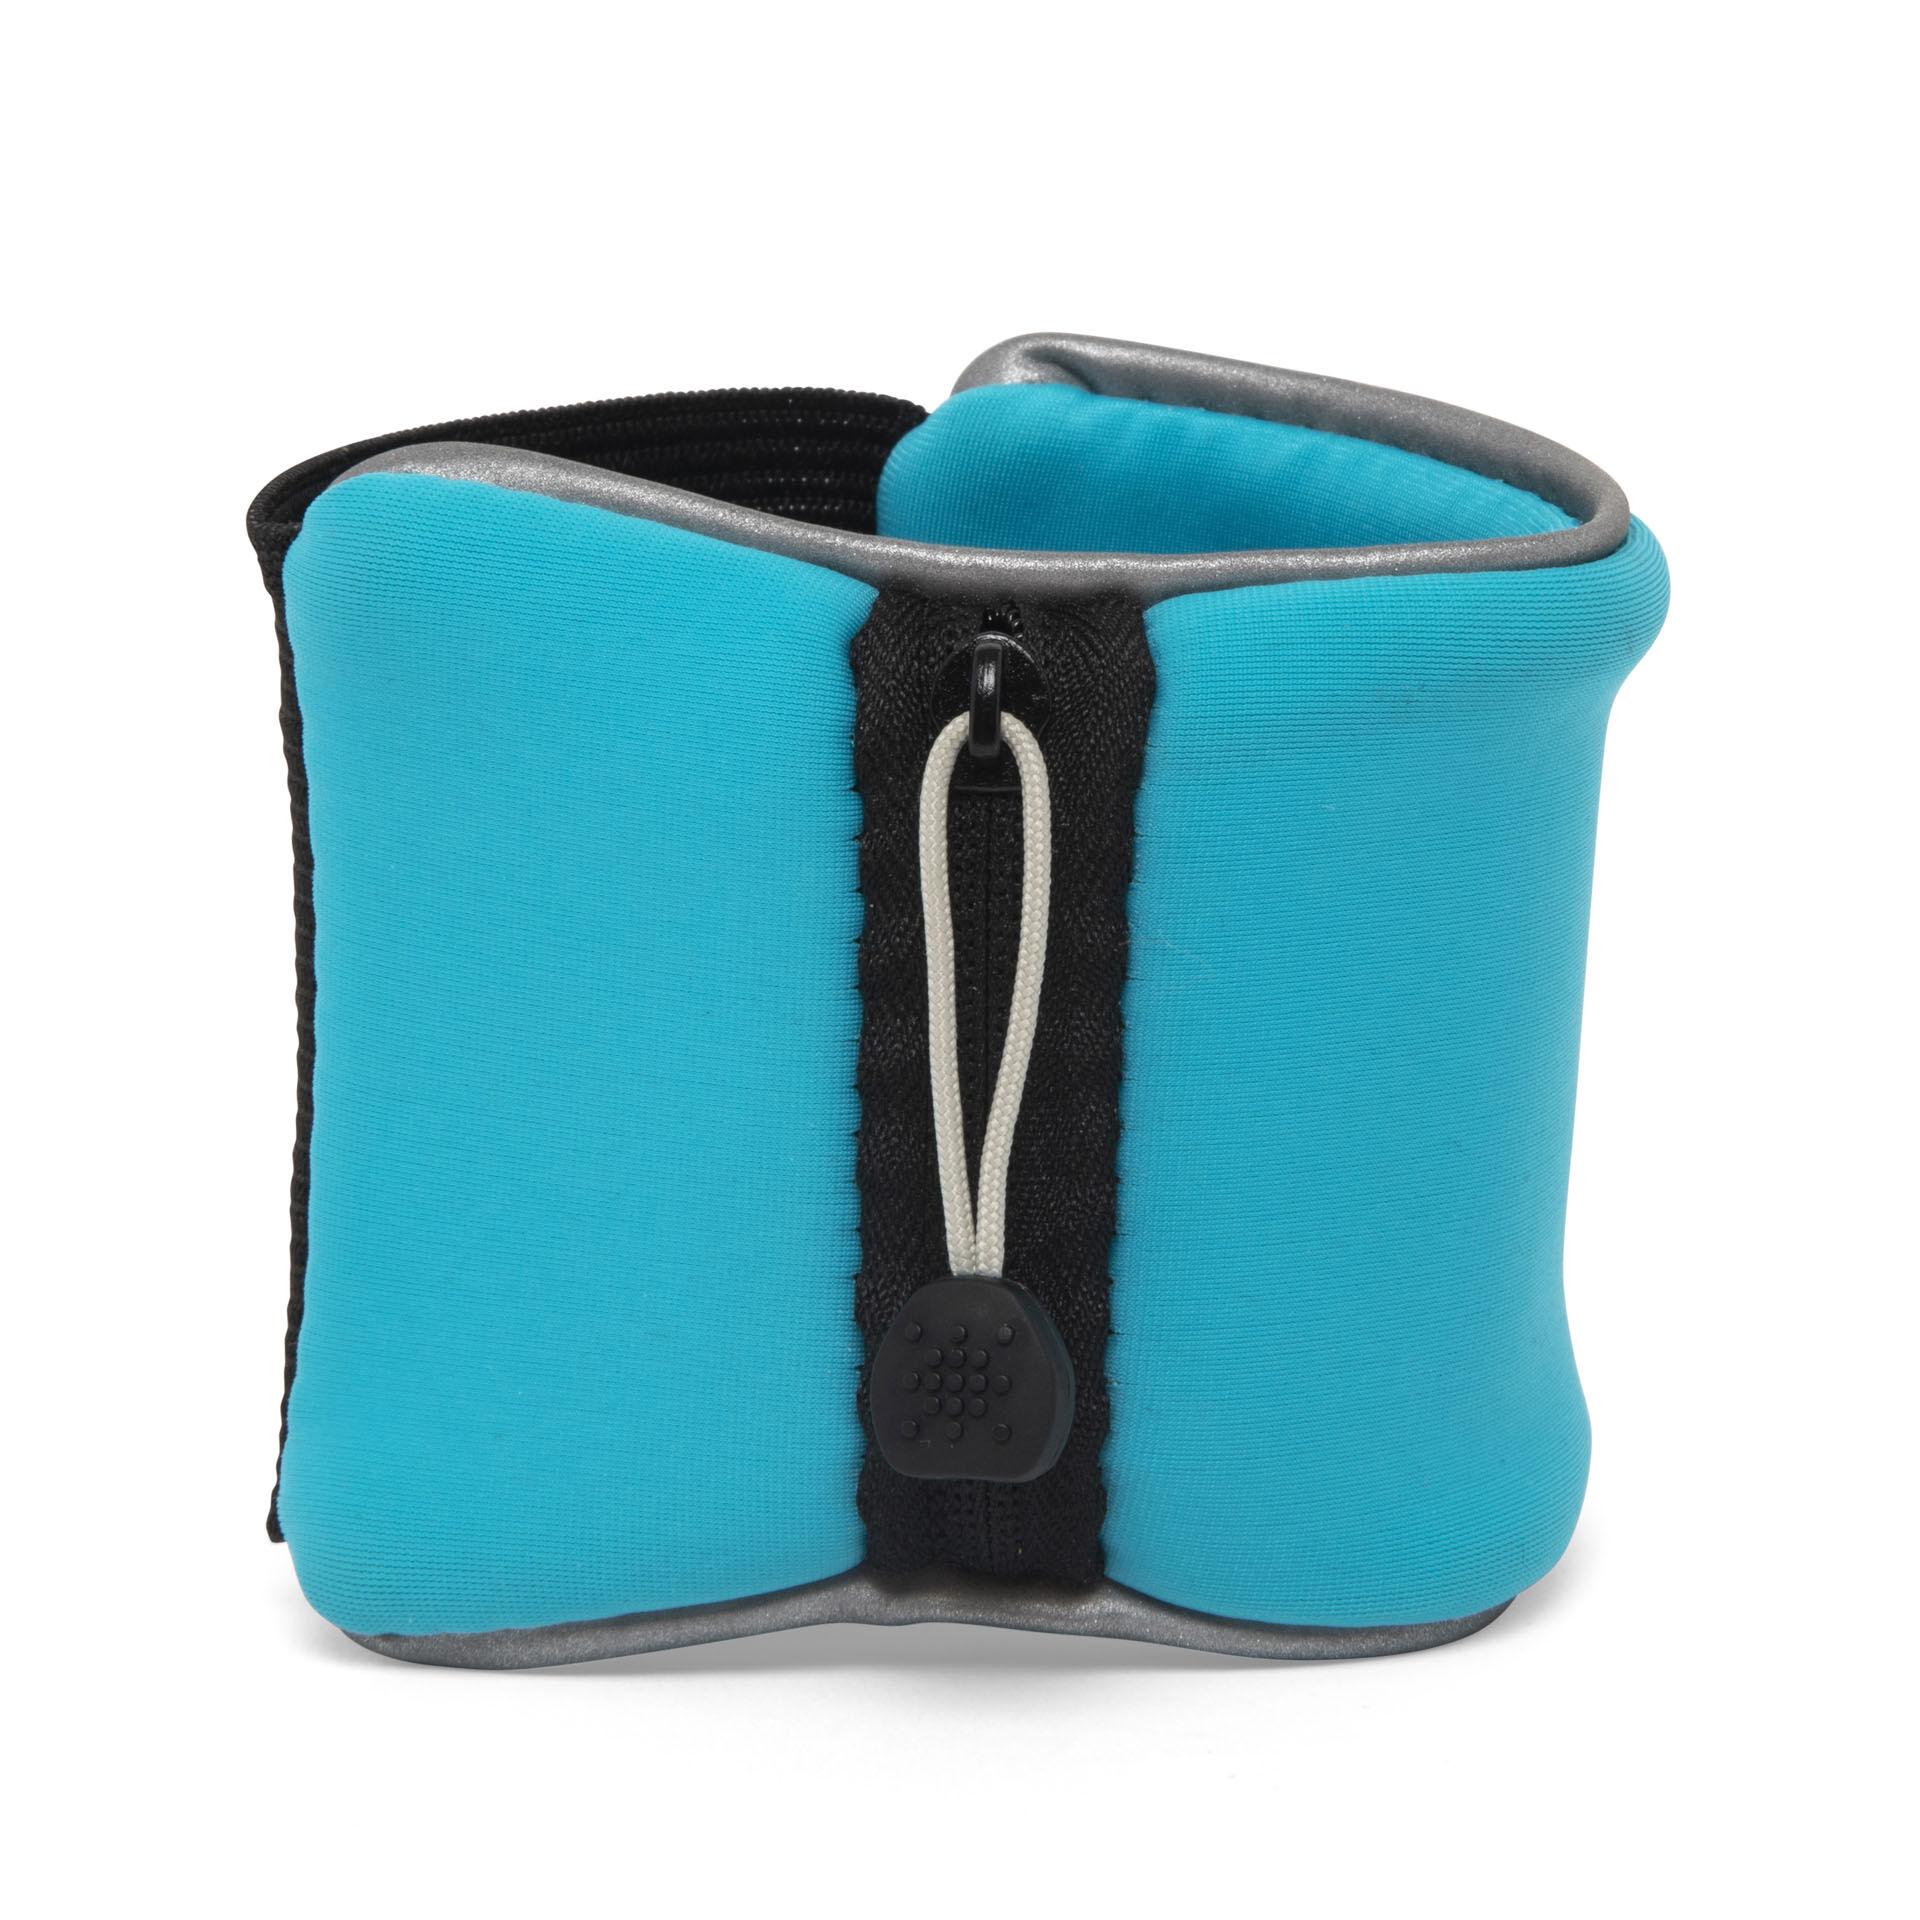 Bracelet éponge avec poche, bleu ciel, large